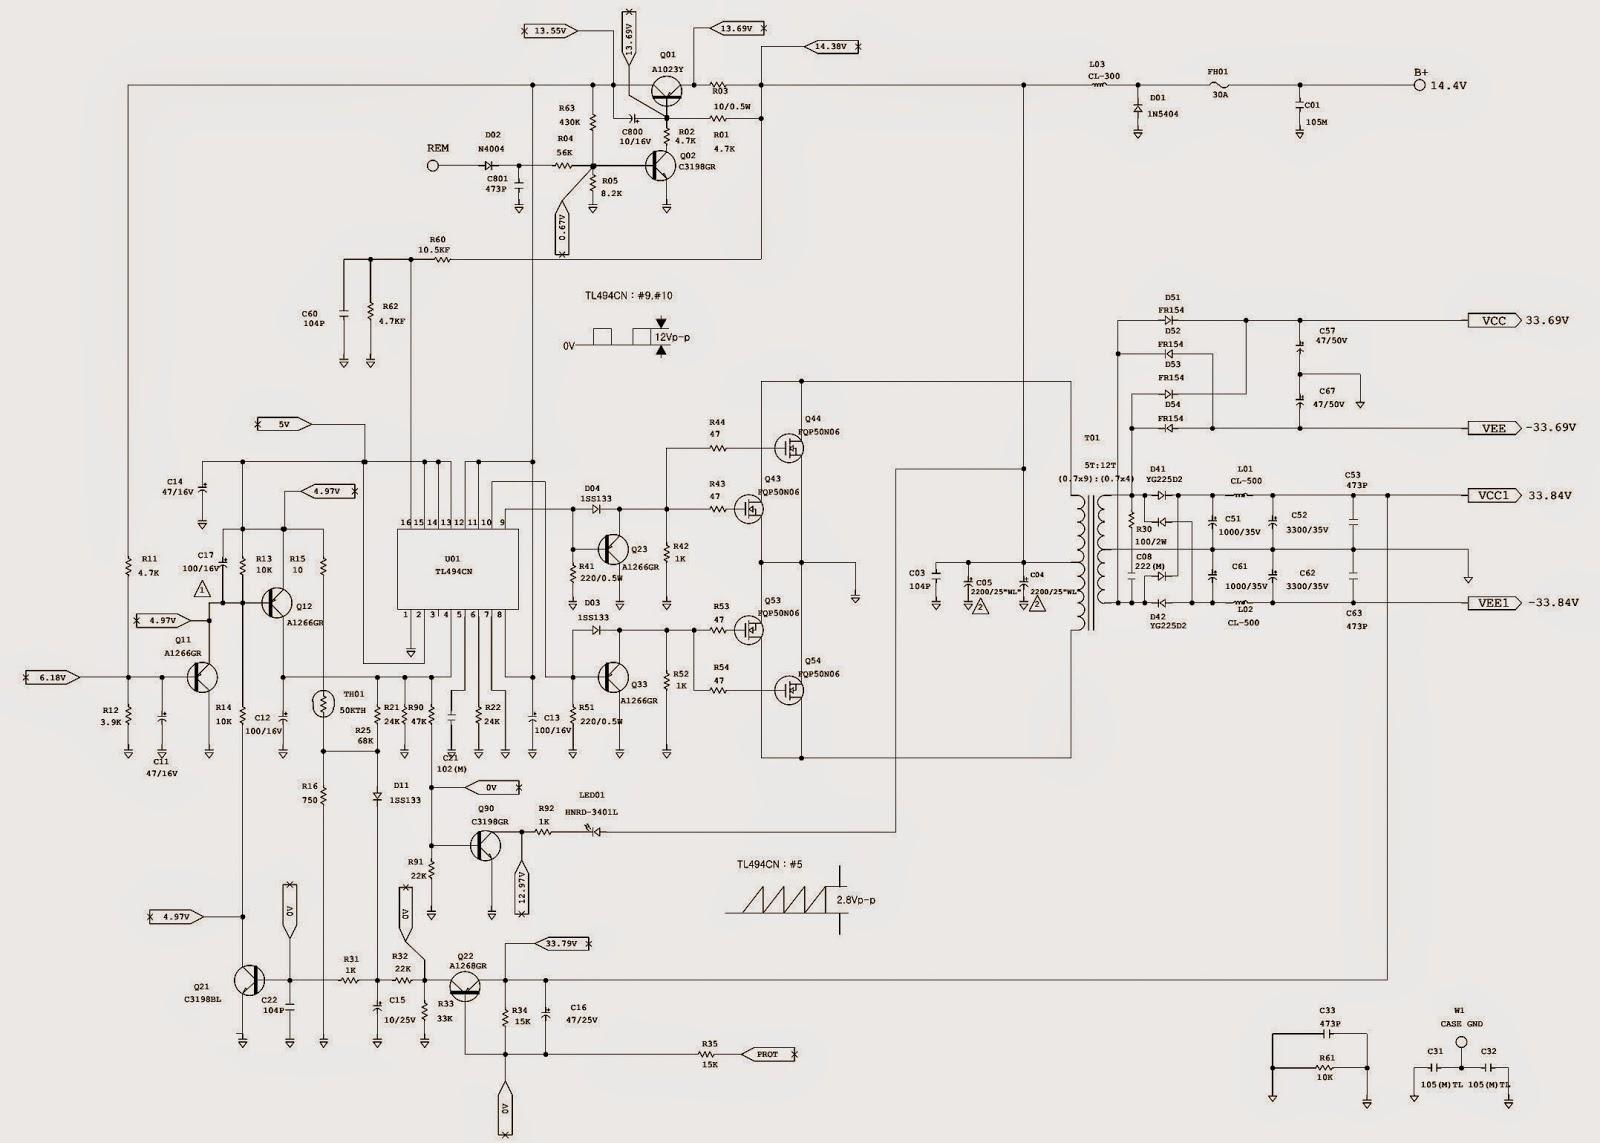 jbl gto speaker wiring diagram wiring library 1968 gto wiring diagram 1967  gto wiring diagram